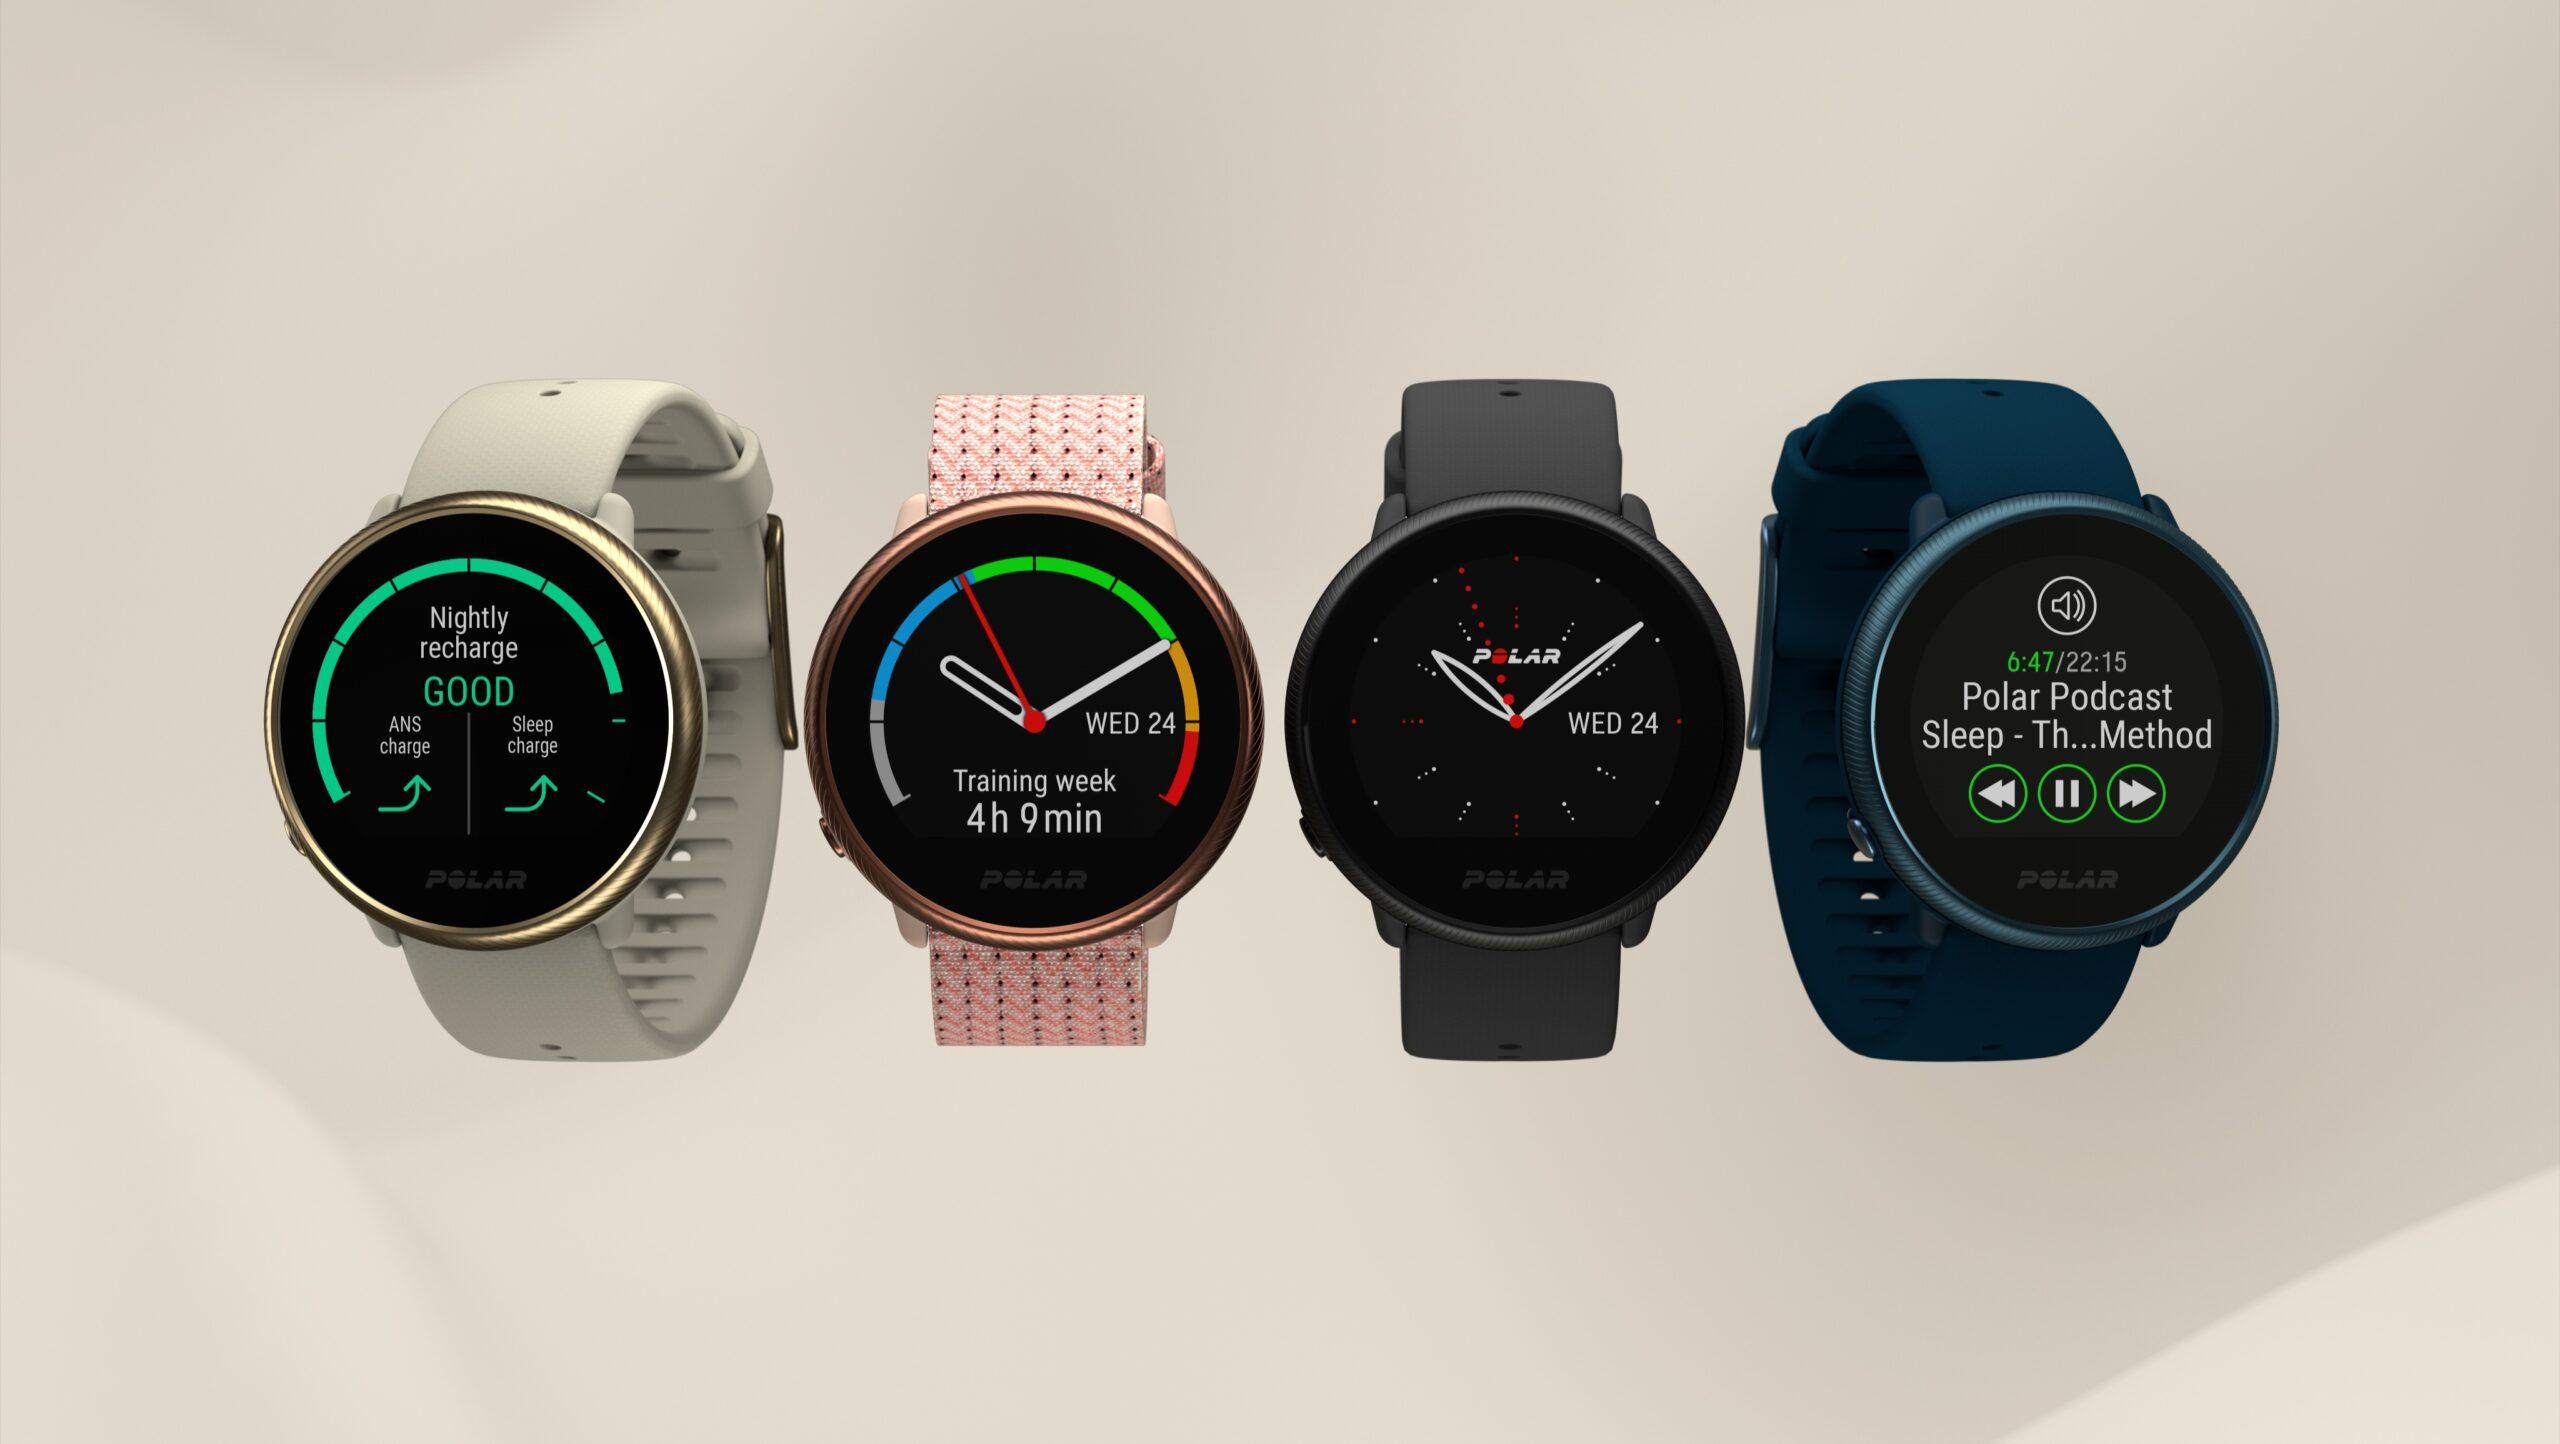 Avec le lancement des montres Ignite 2 et Vantage M2, Polar souhaite accompagner le sportif en lui permettant de revenir plus fort.